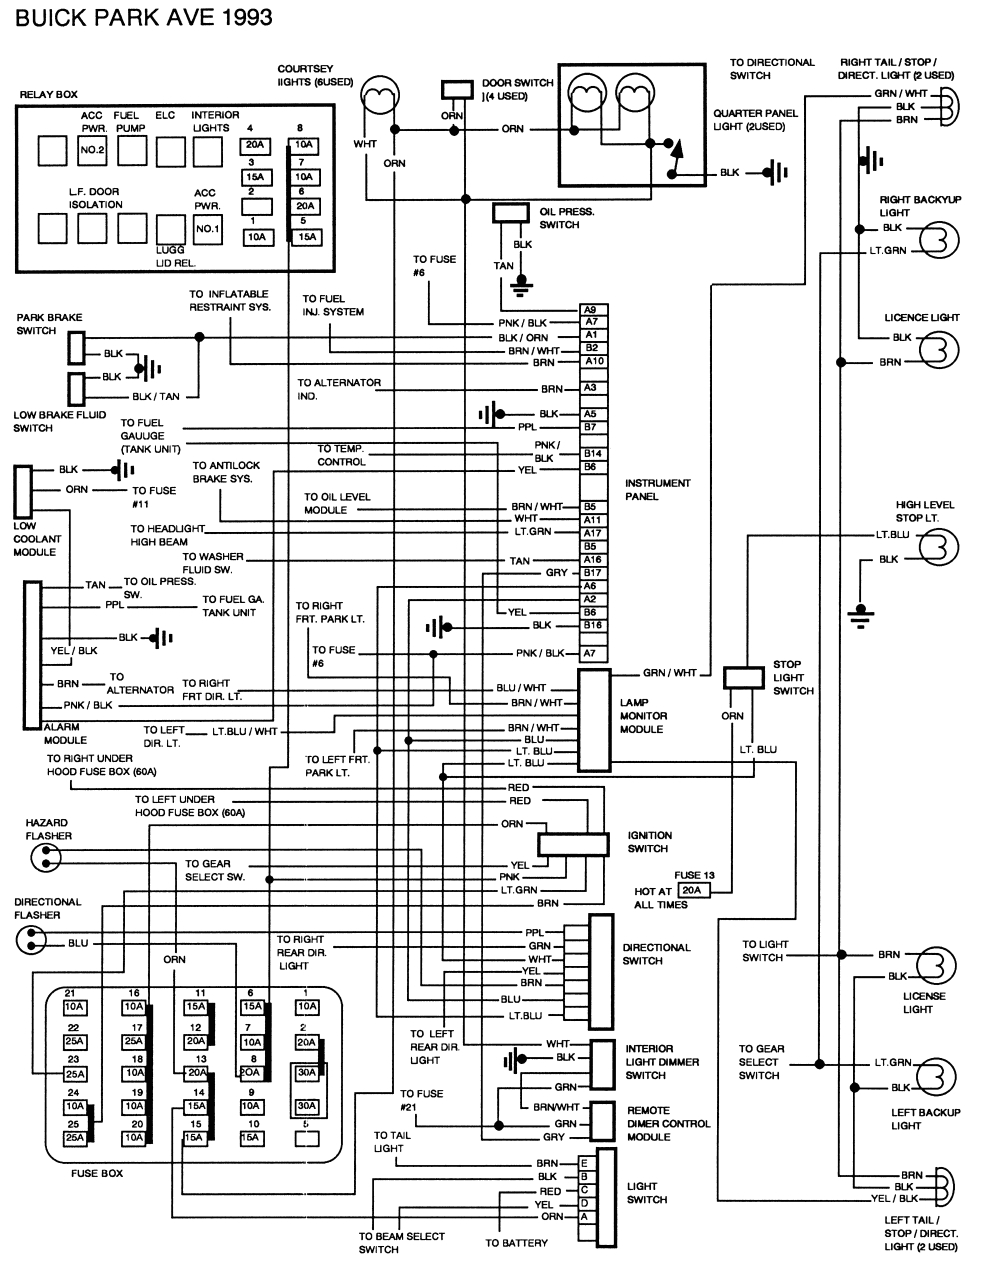 2000 Buick Century Fuel Pump Wiring Diagram 8c5da Electric Mirror Switch Wiring Diagram Buick Wiring